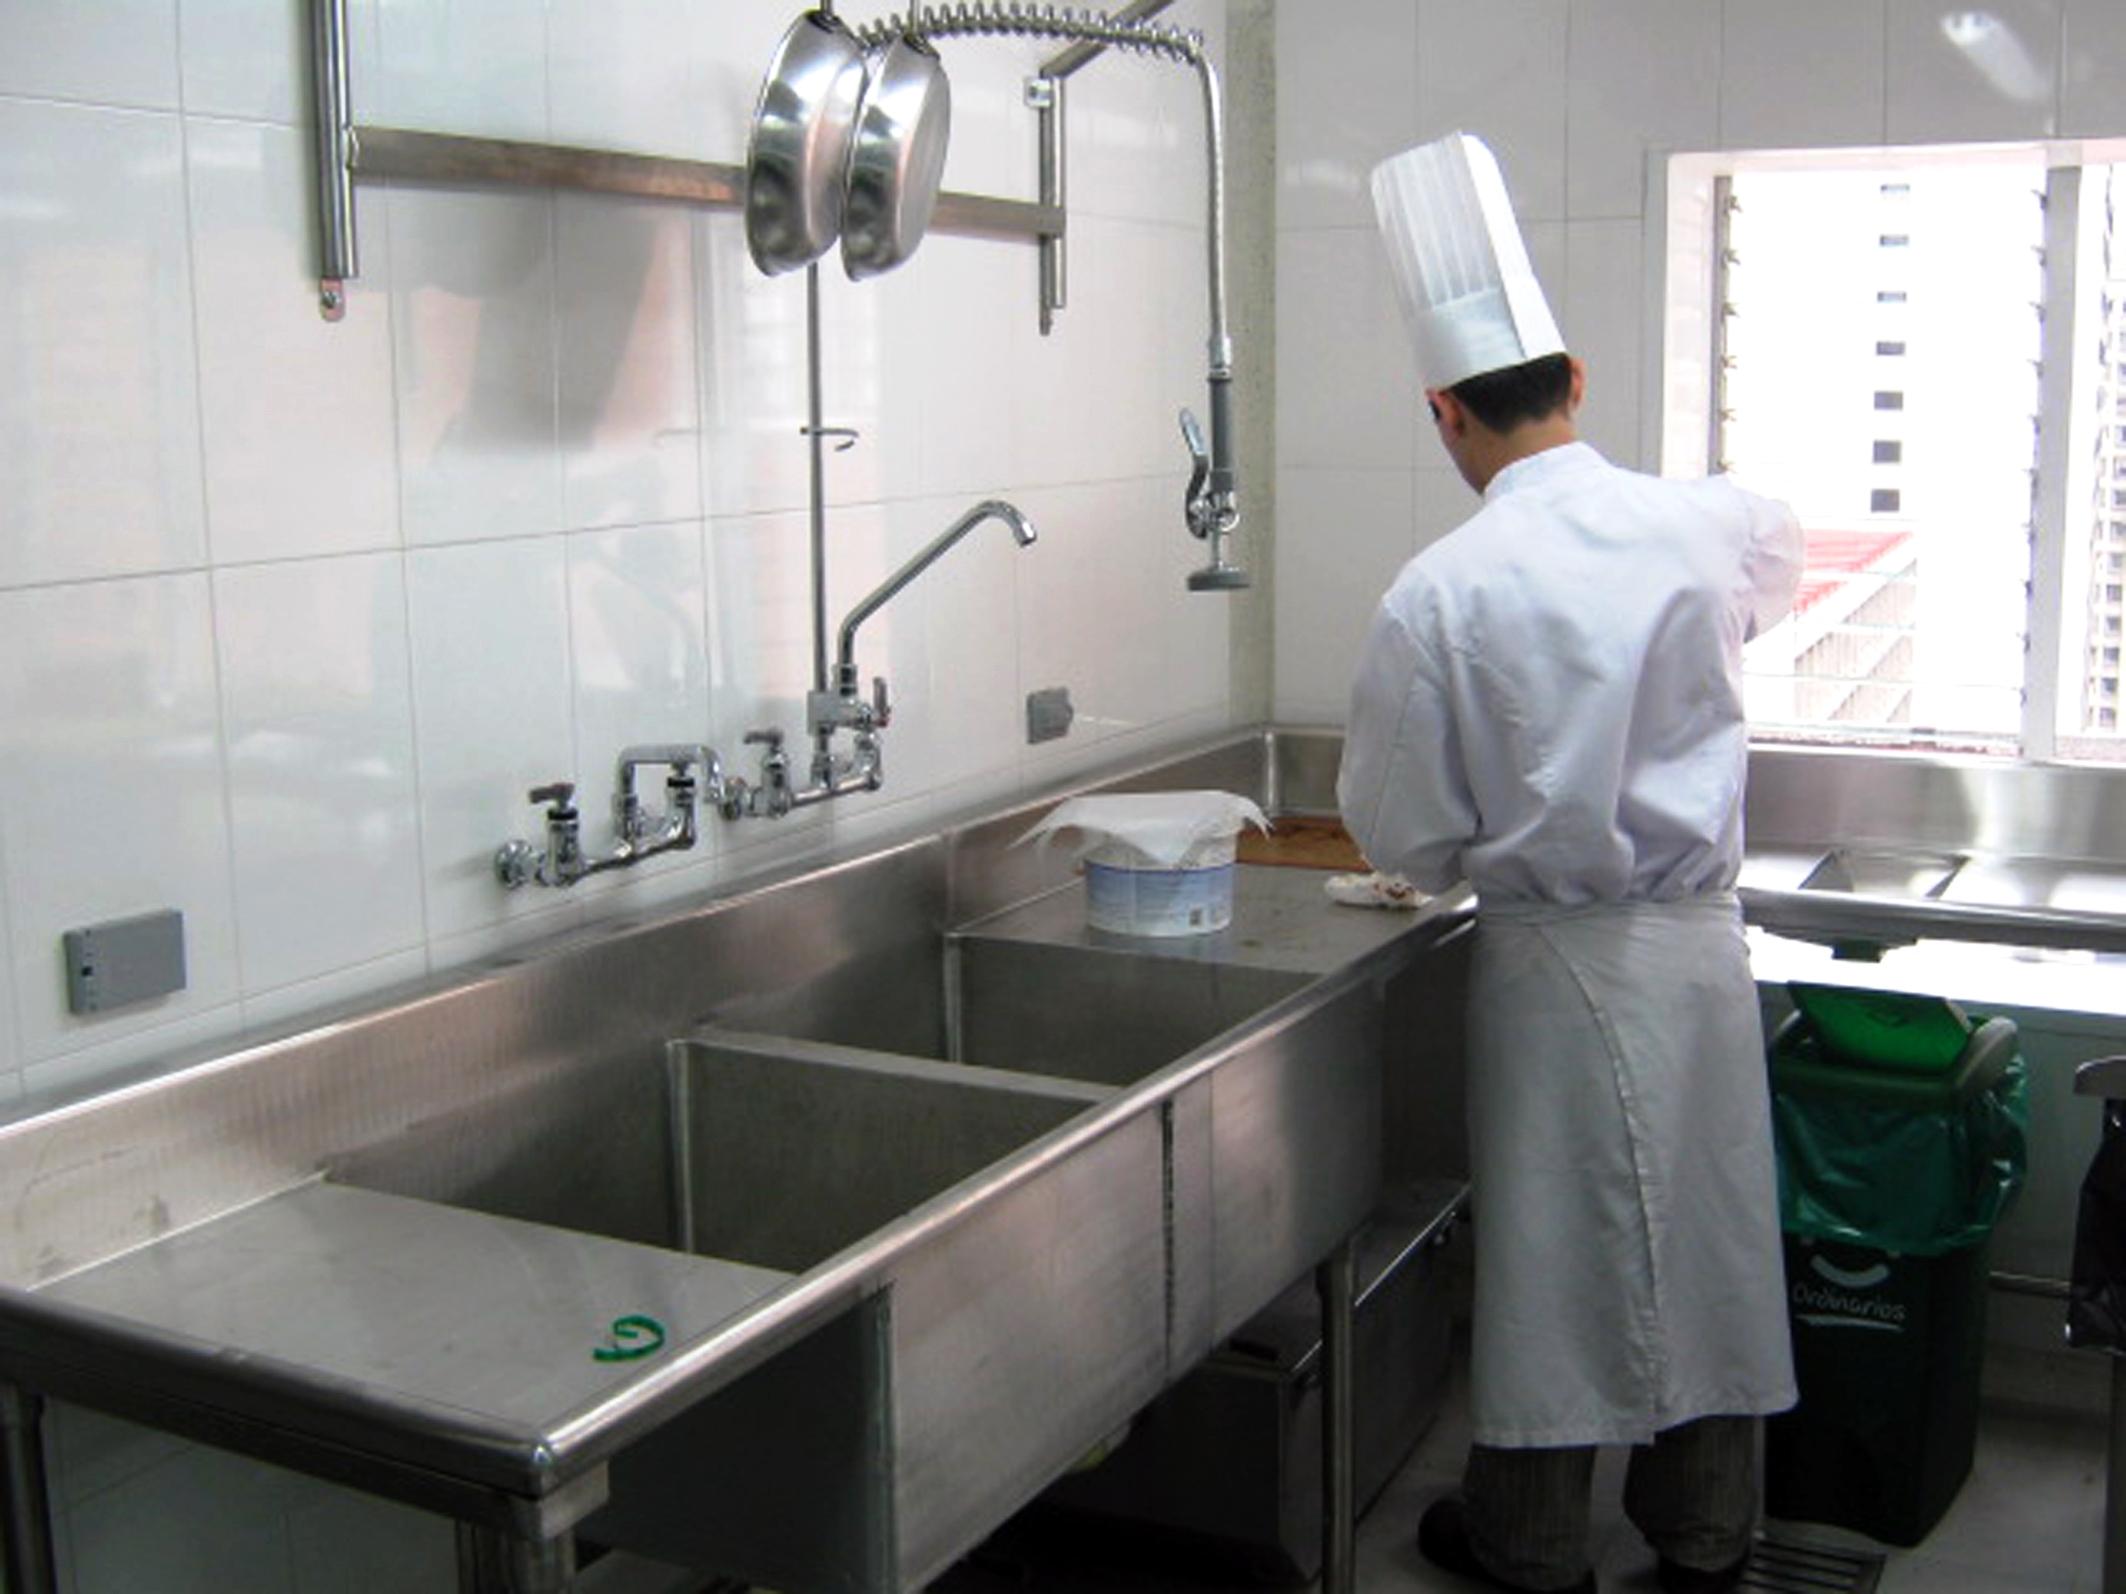 La limpieza en superficies y utensilios de acero for Utensilios cocina acero inoxidable